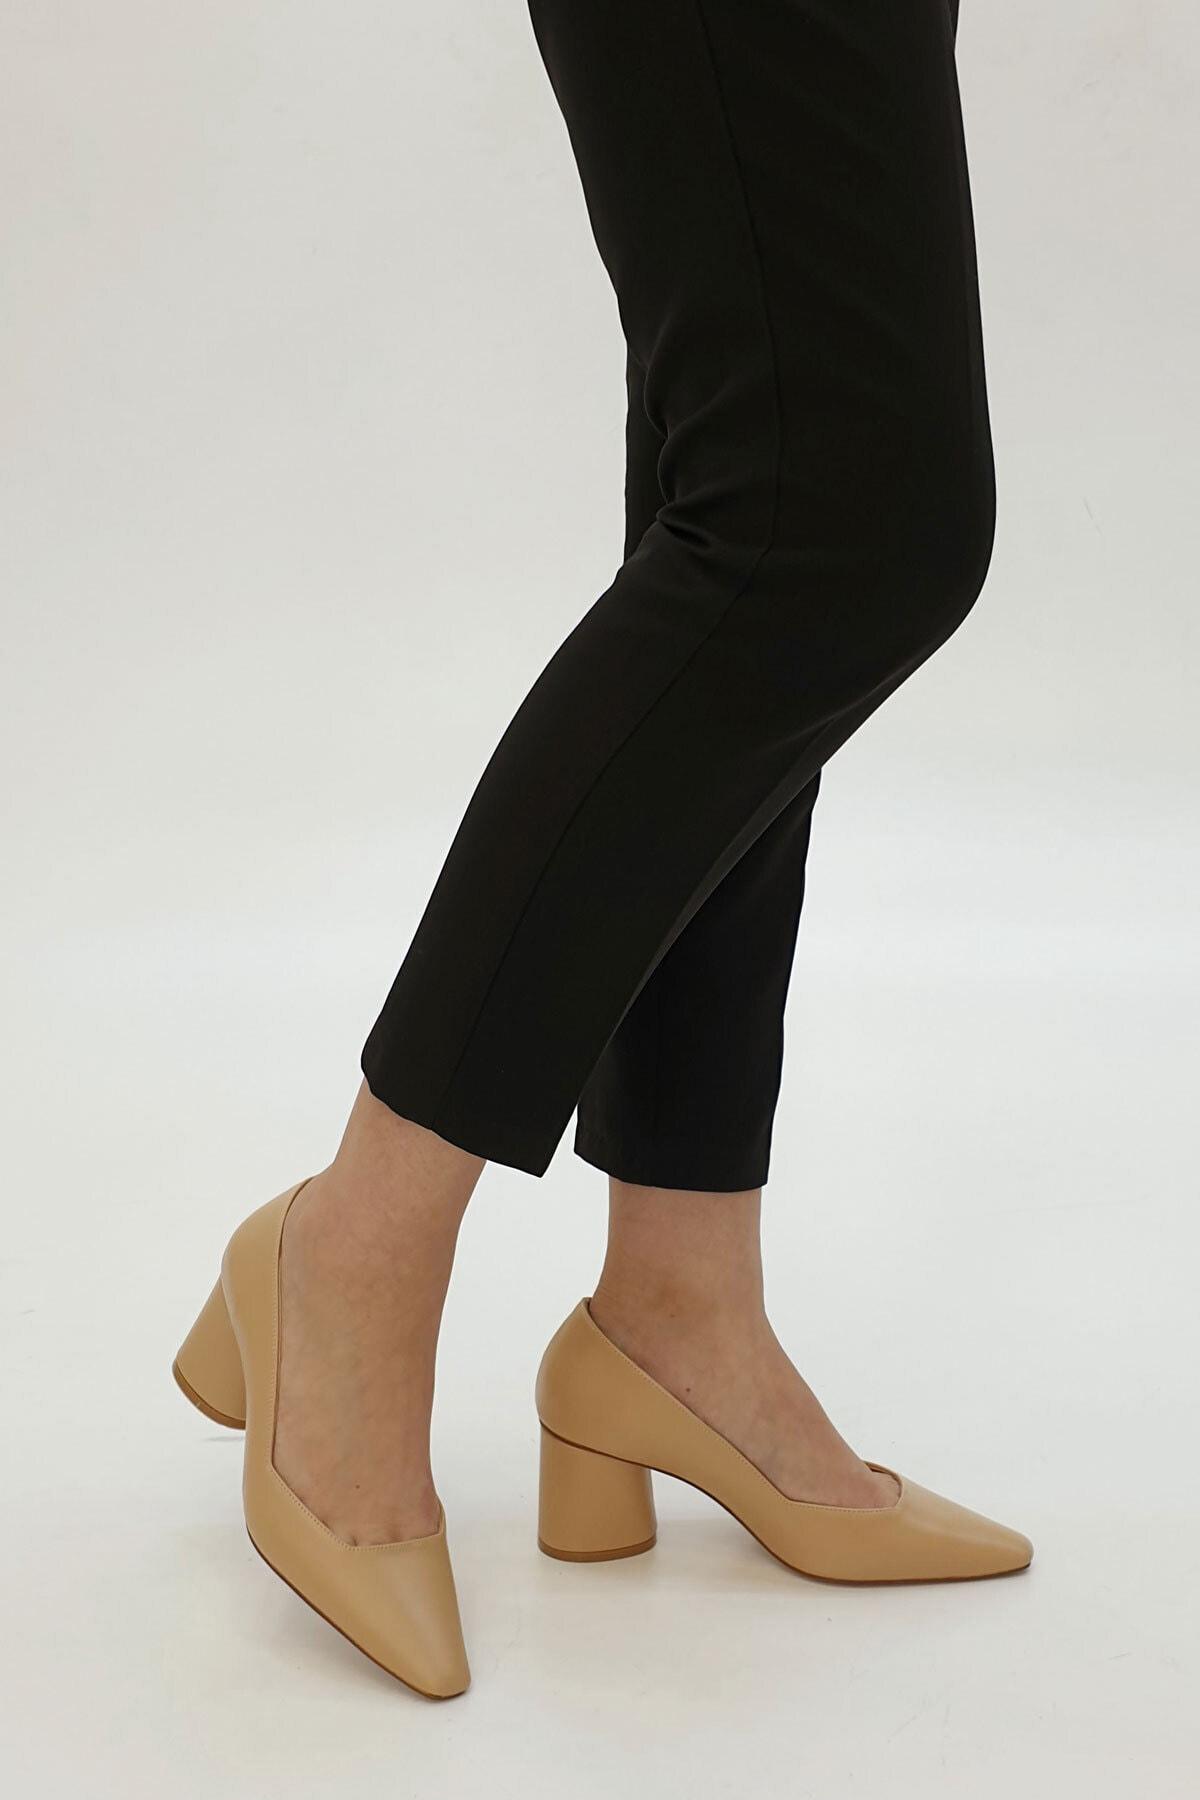 Marjin Kadın Lores Klasik Topuklu Ayakkabı 1